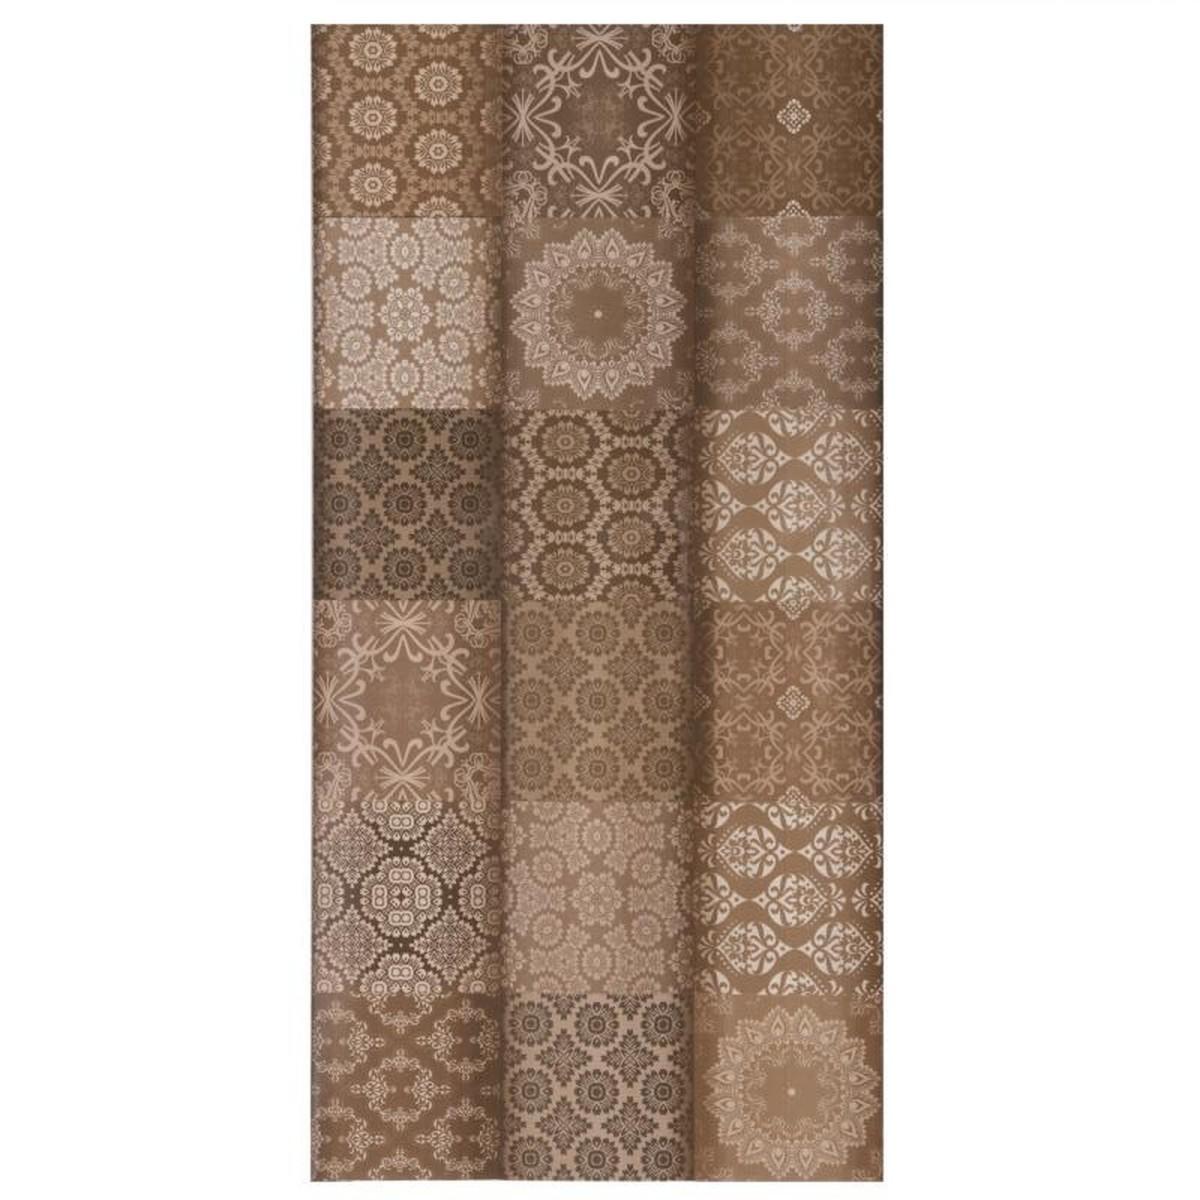 Плитка настенная Фрейя 50х24.9 см 1.37 м2 цвет коричневый